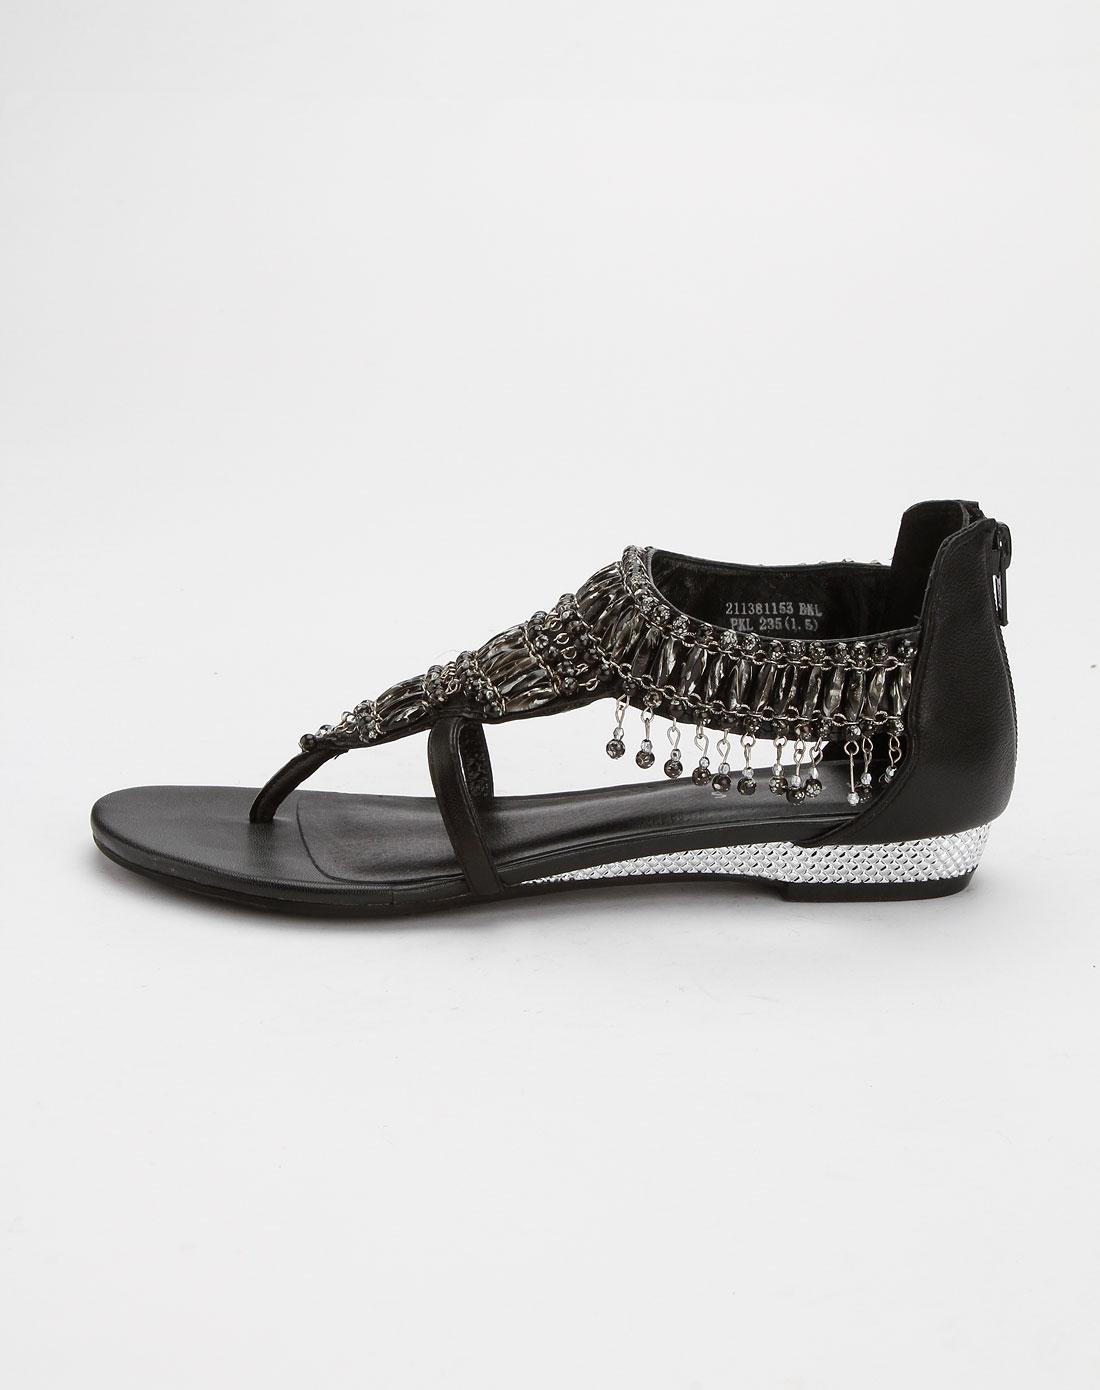 安玛莉precis黑色民族风串珠凉鞋